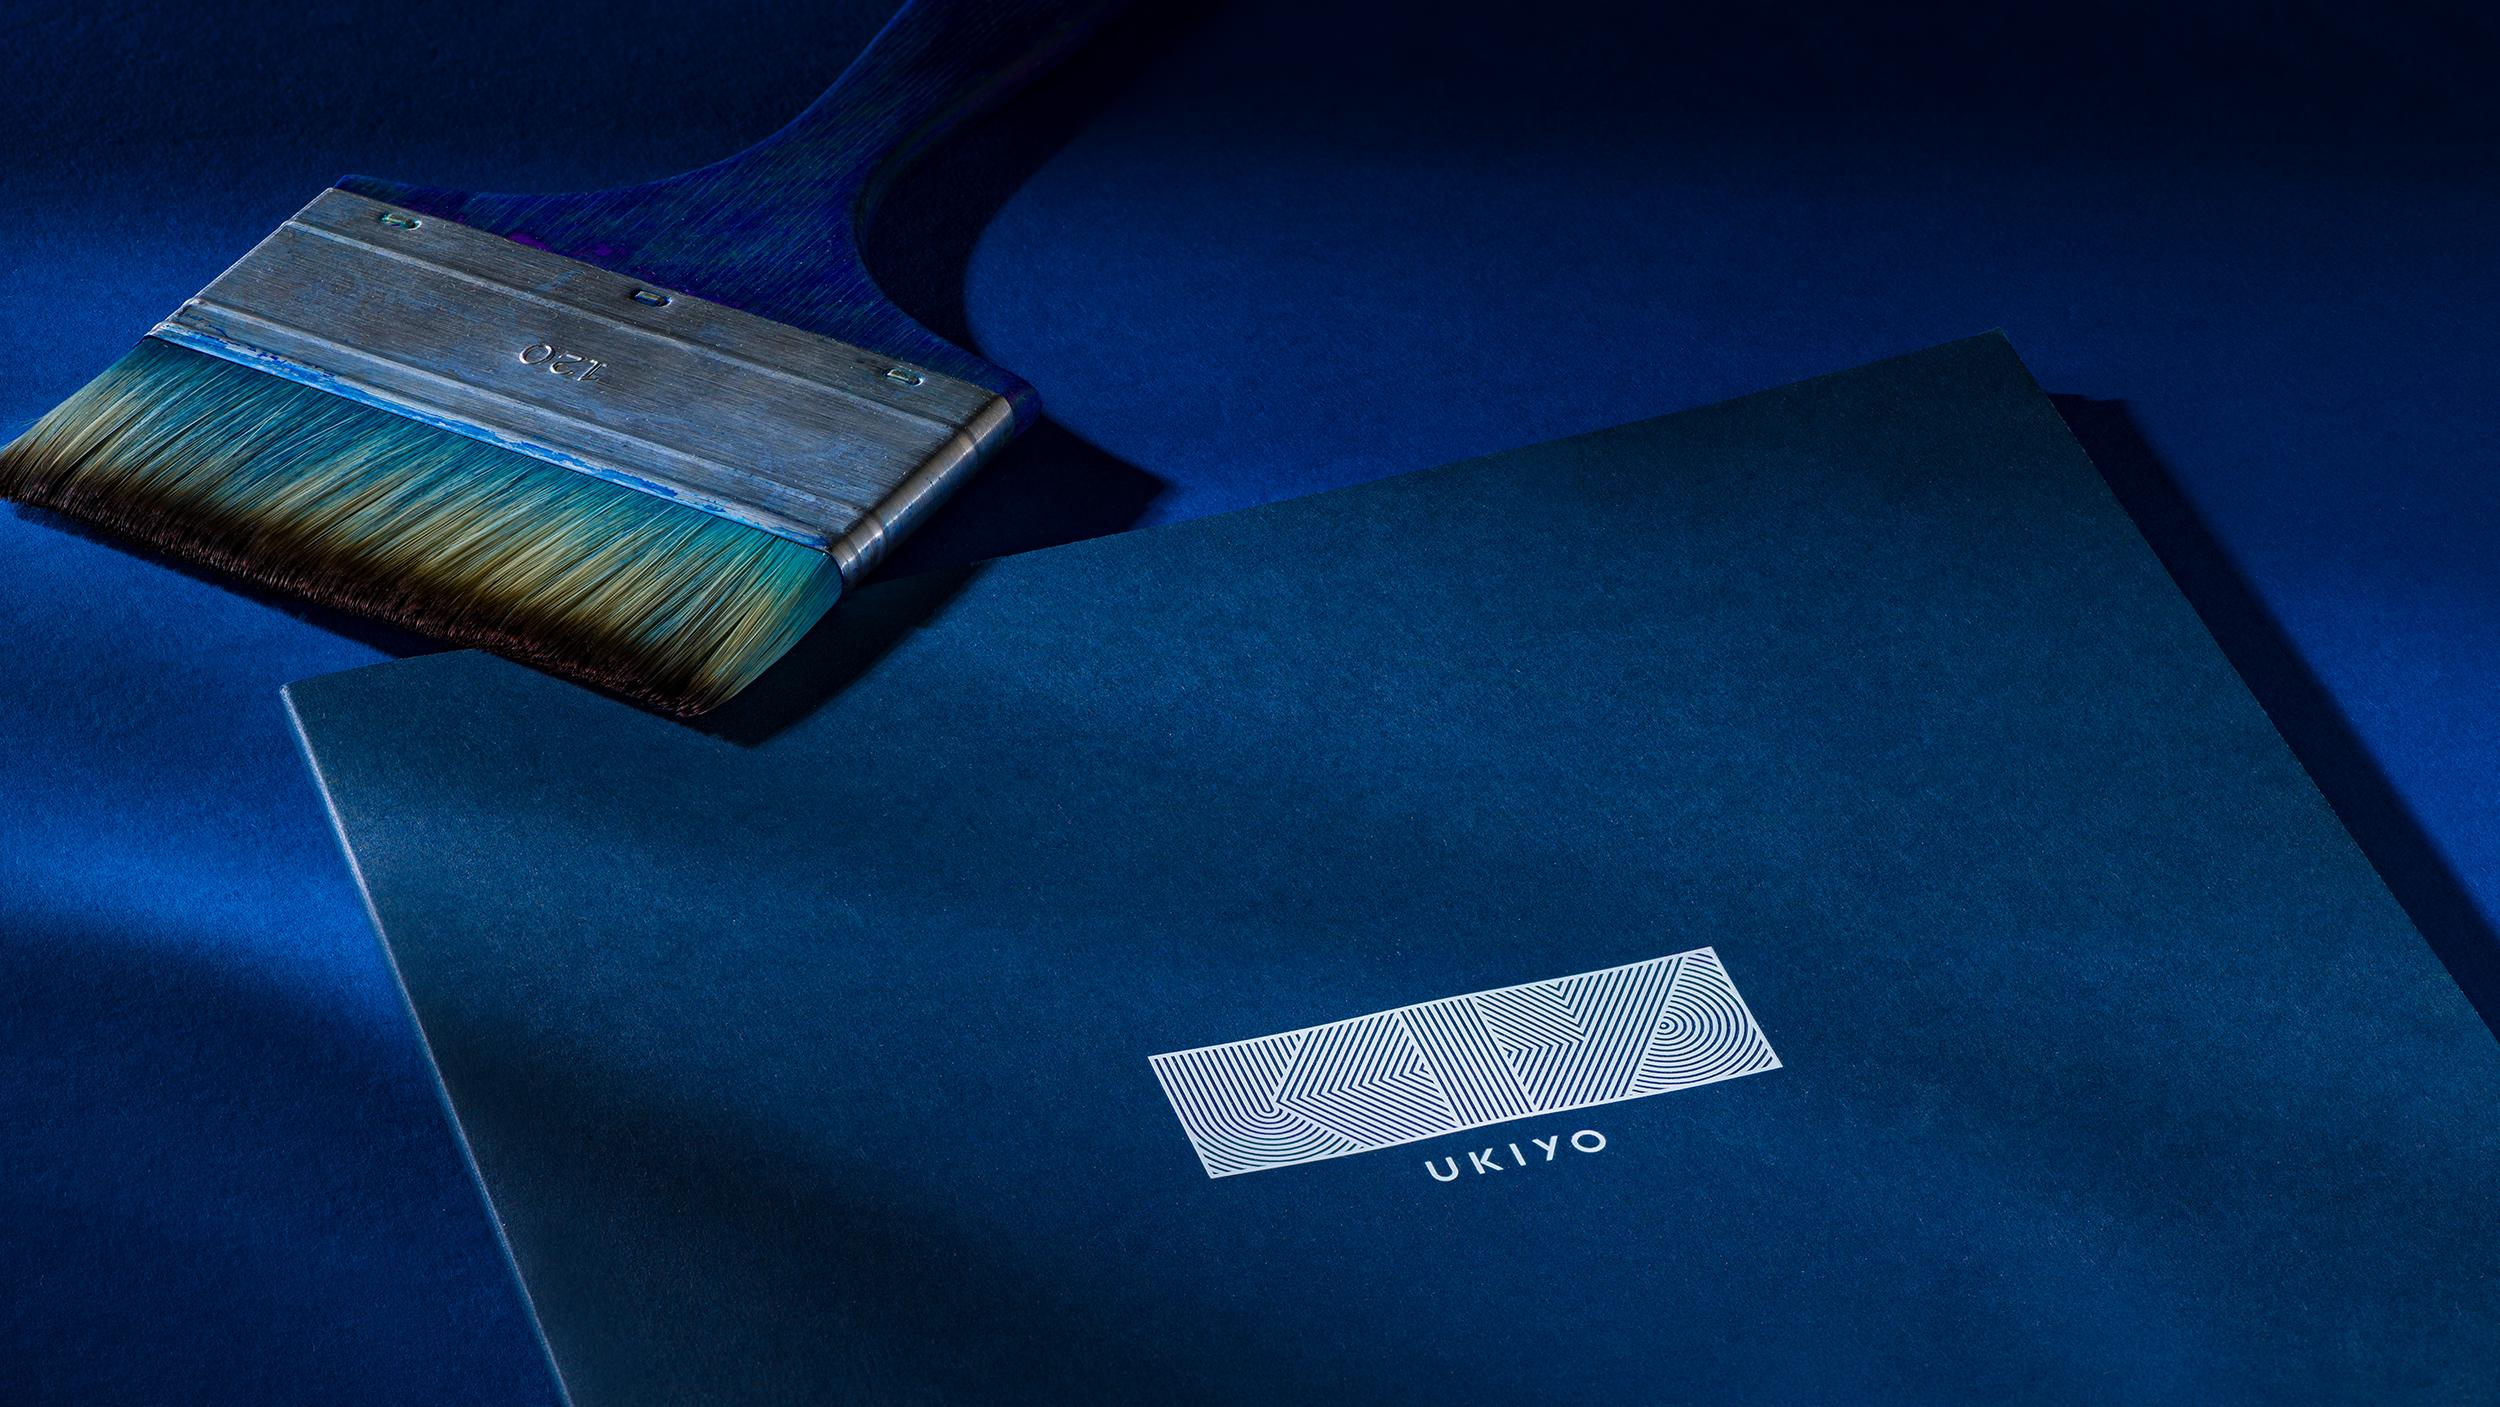 UKIYO Marketing Materials 3.jpg